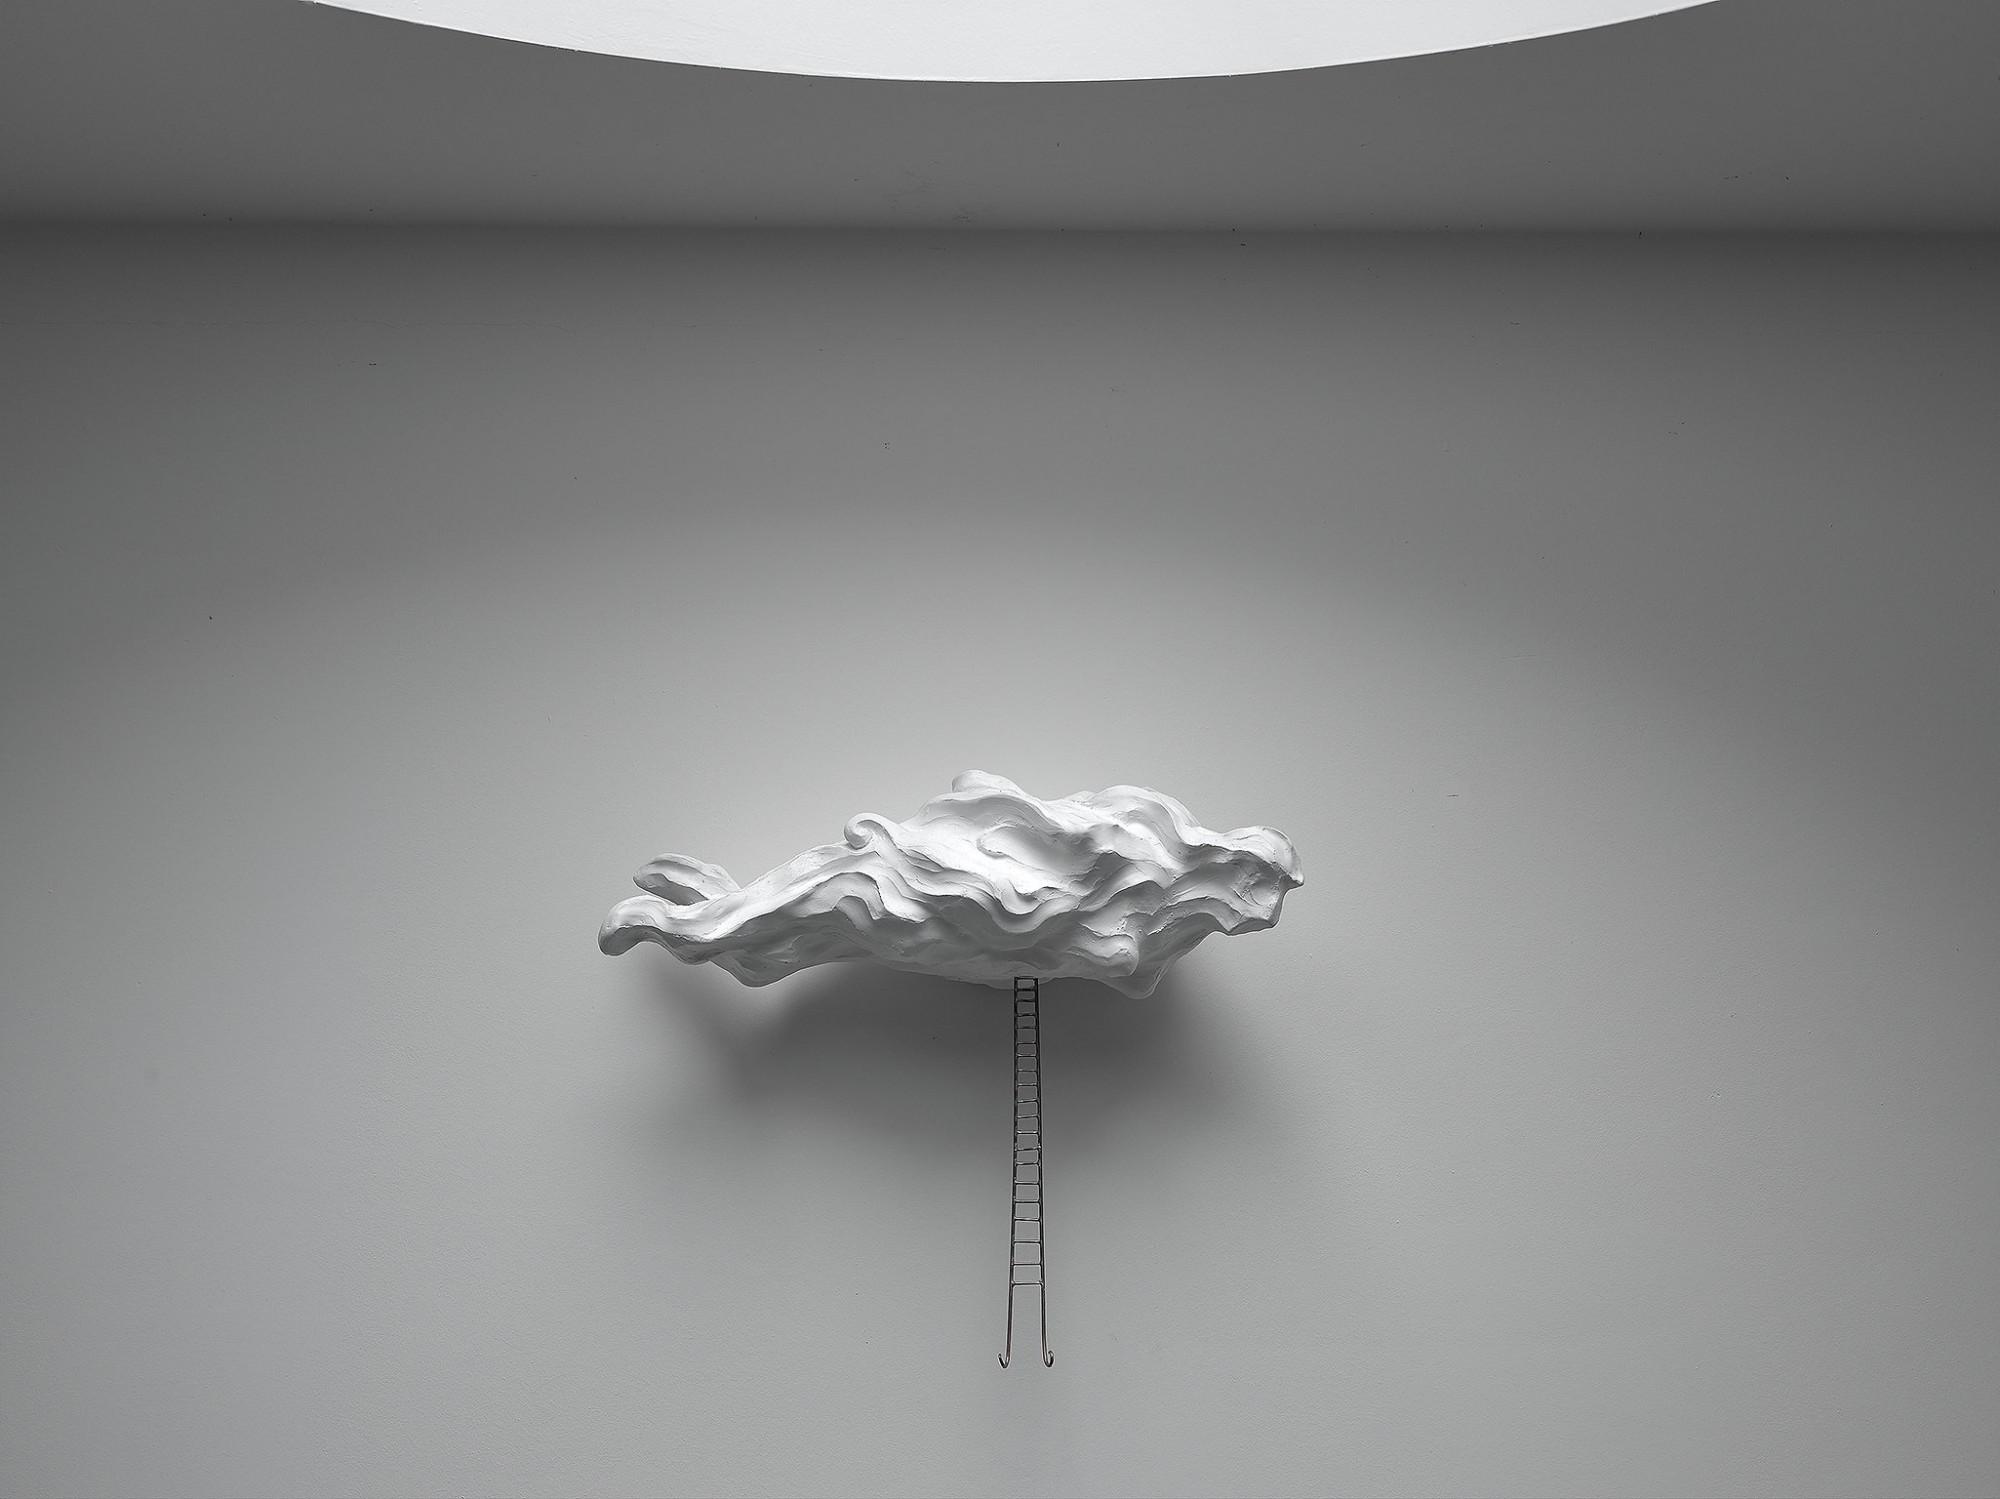 Afbeelding: Sculptuur gips